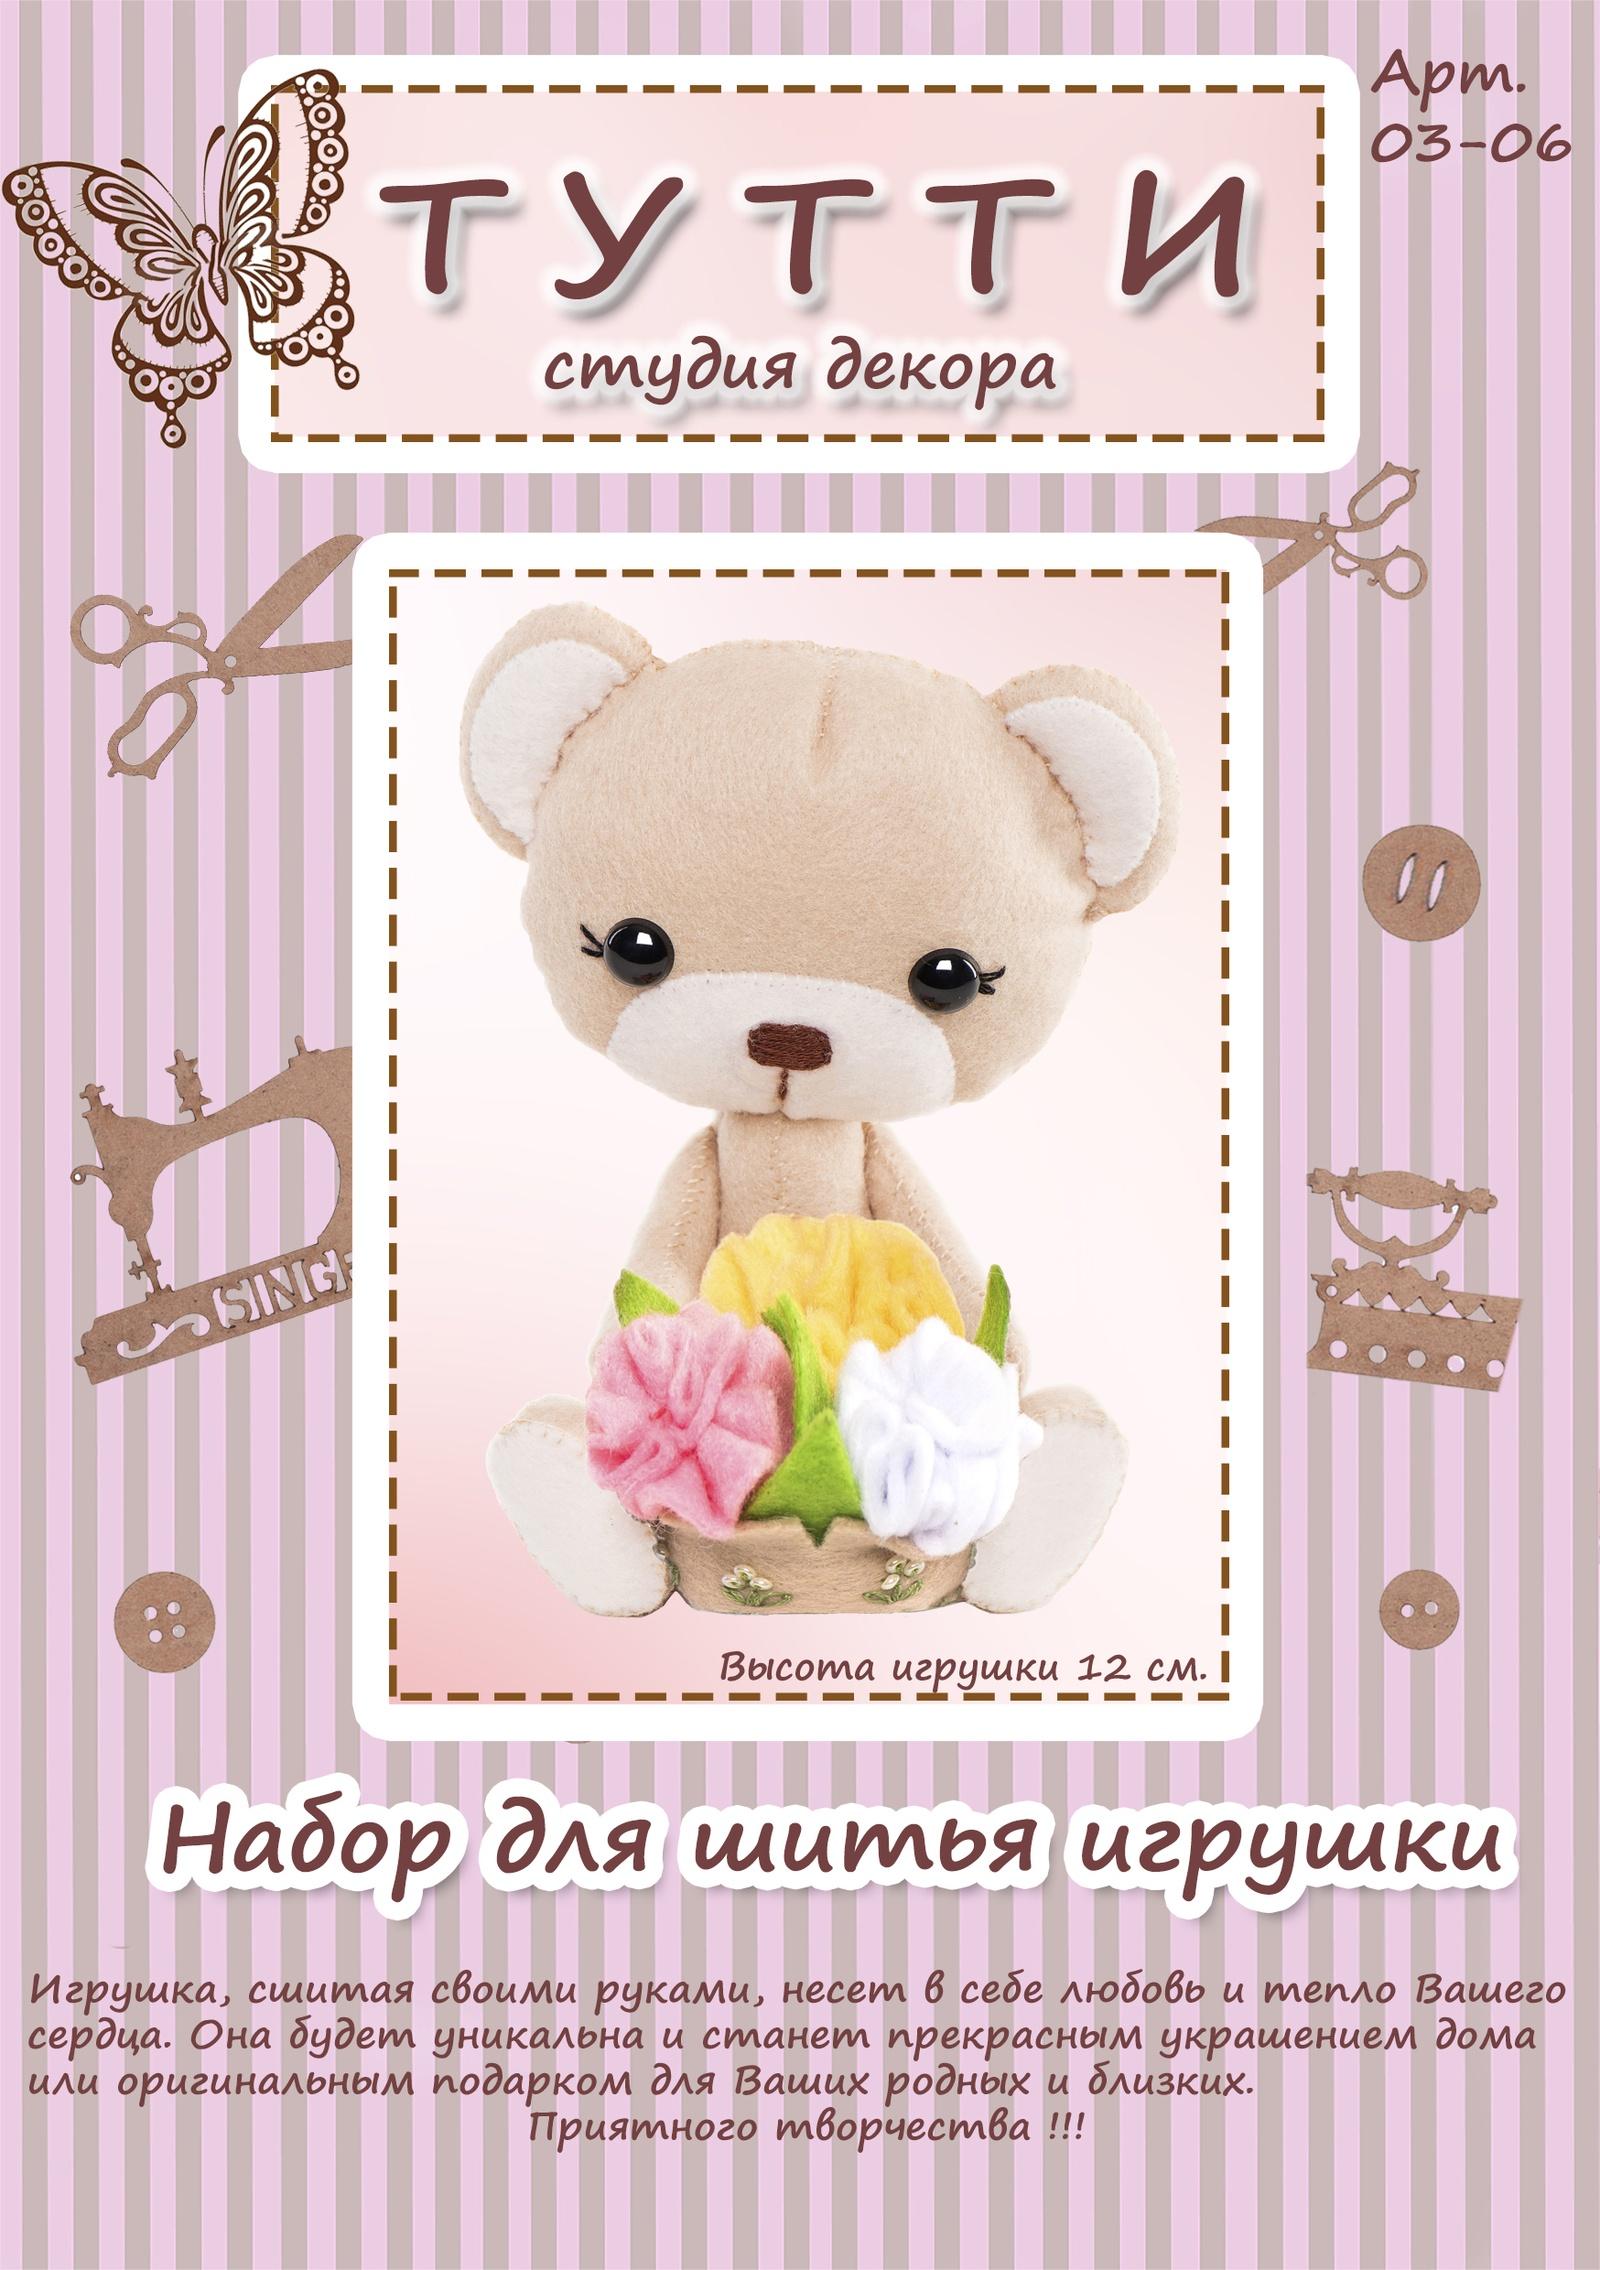 """Набор для изготовления игрушки Тутти """"Медвежонок Лютик"""", 03-06"""